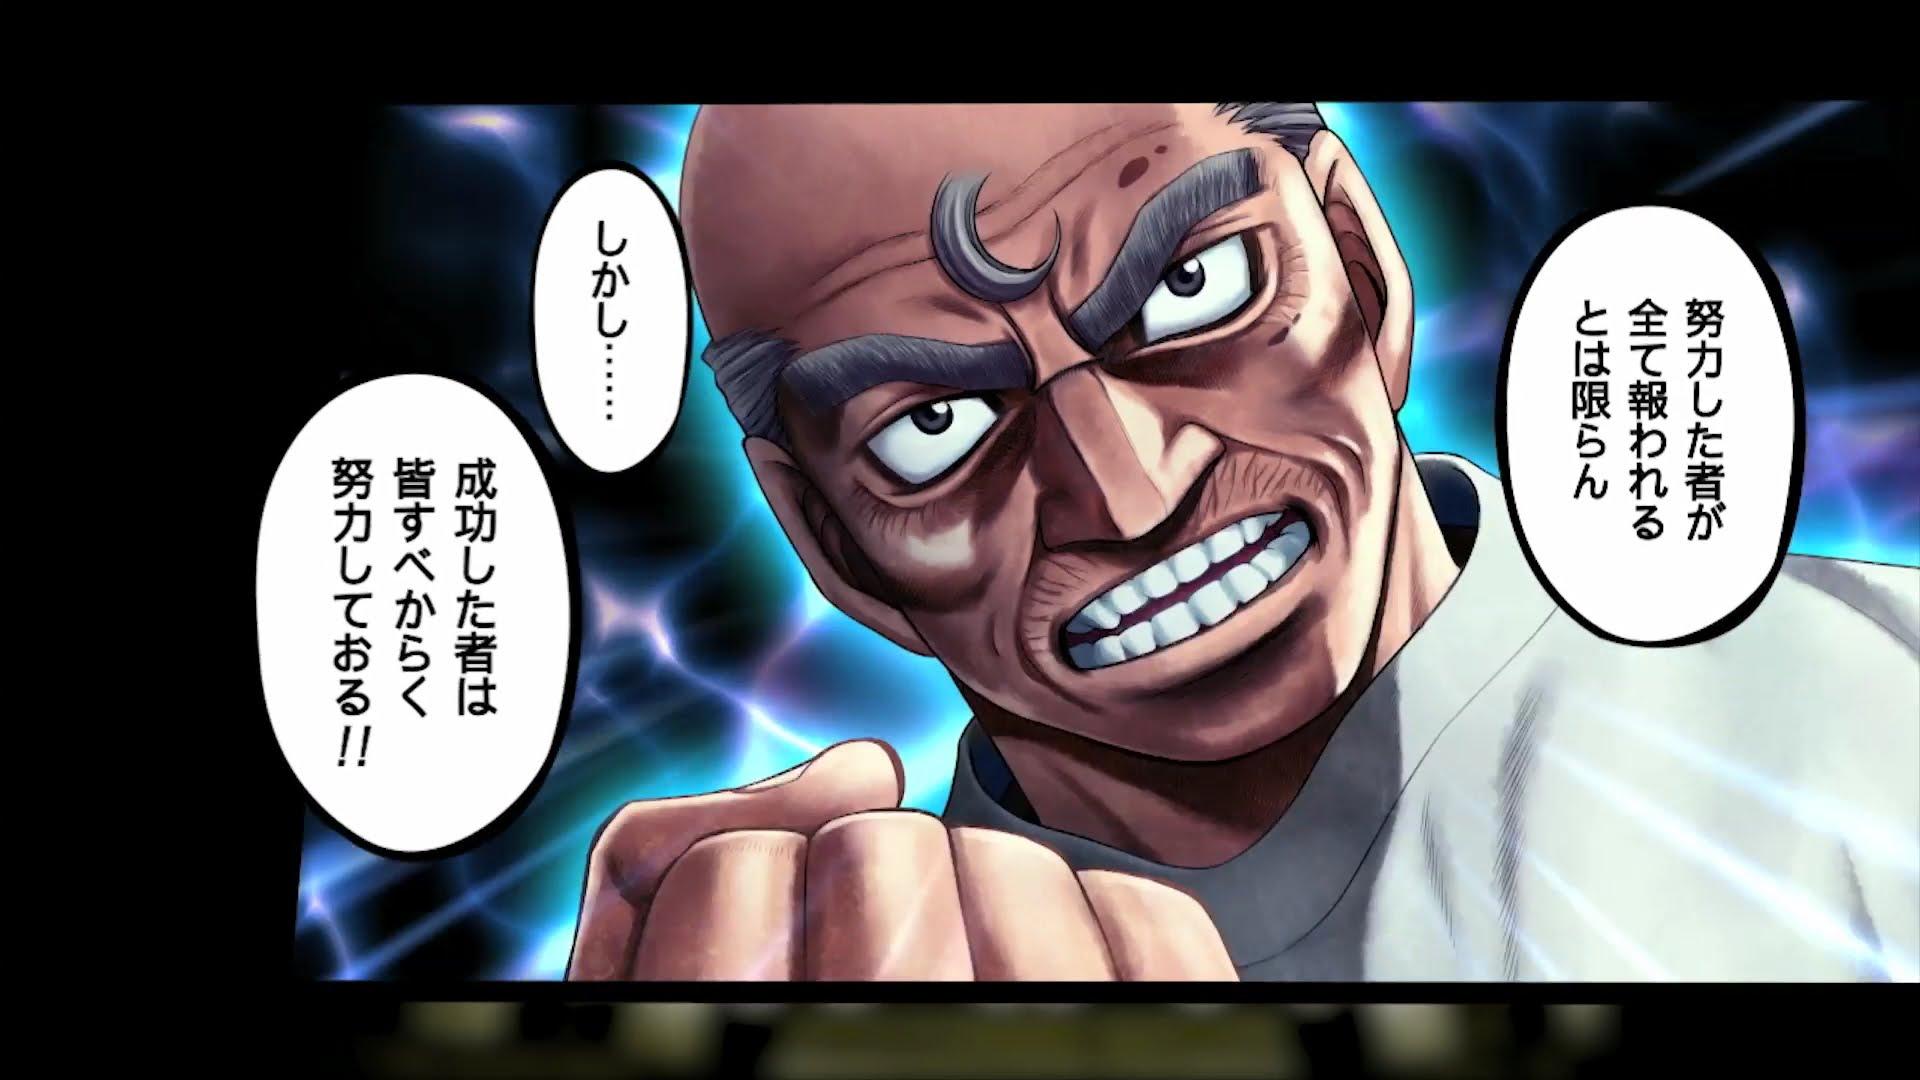 PS3『はじめの一歩』システムやモード、キャラクターが紹介される第2弾PV